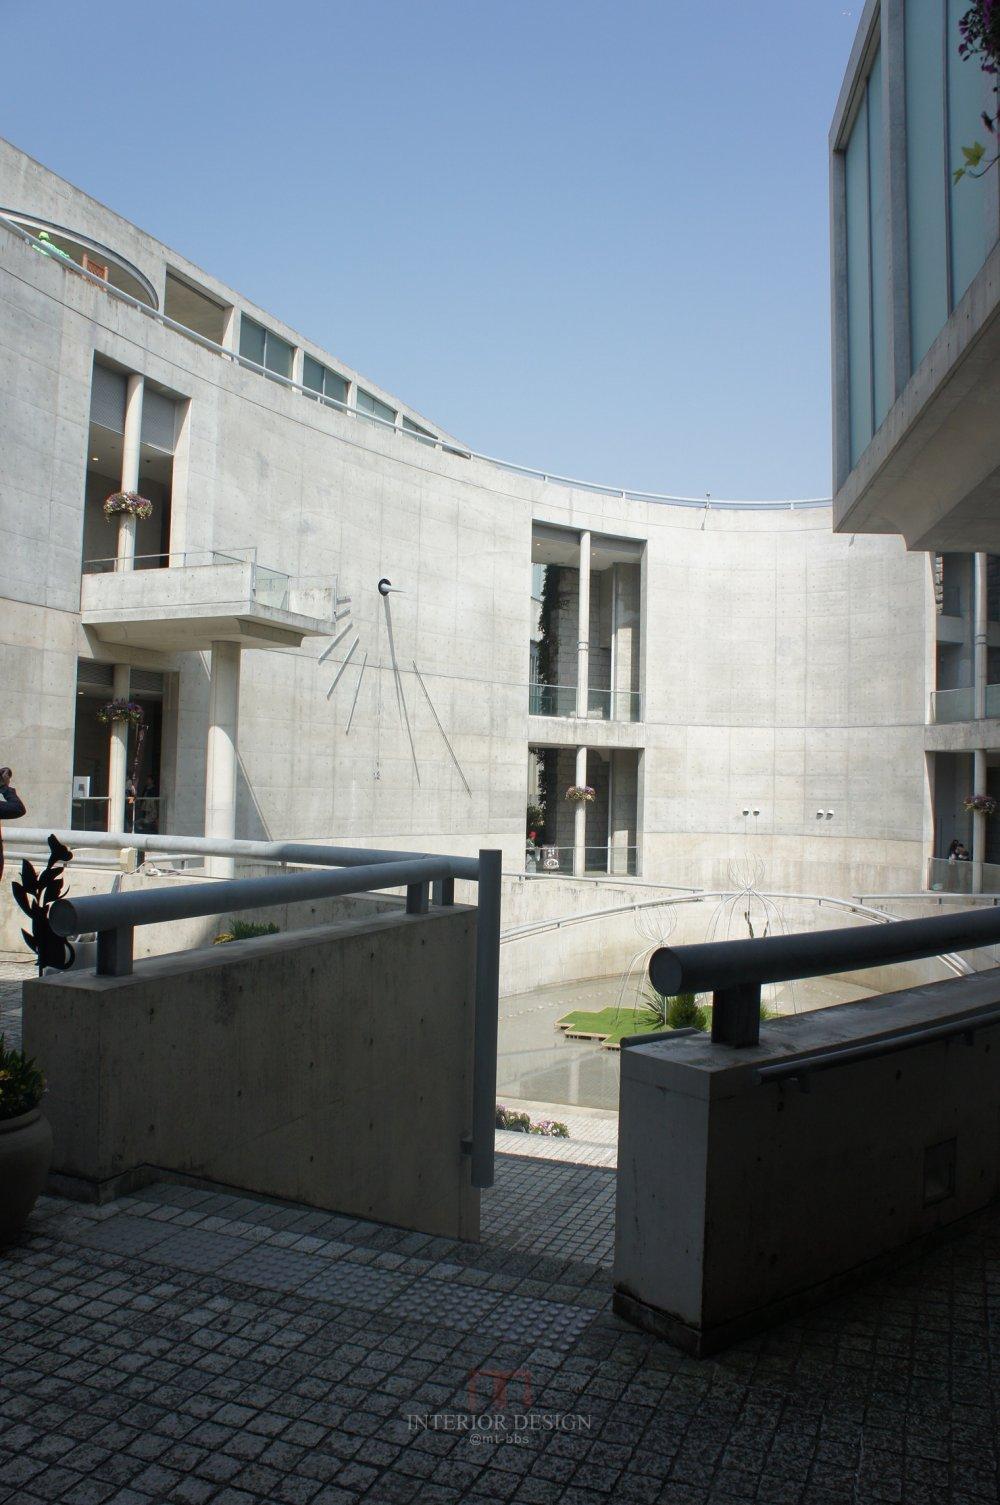 #伙伴一起看日本#  日本设计考察分享(更新美秀美术馆)_DSC05774.JPG